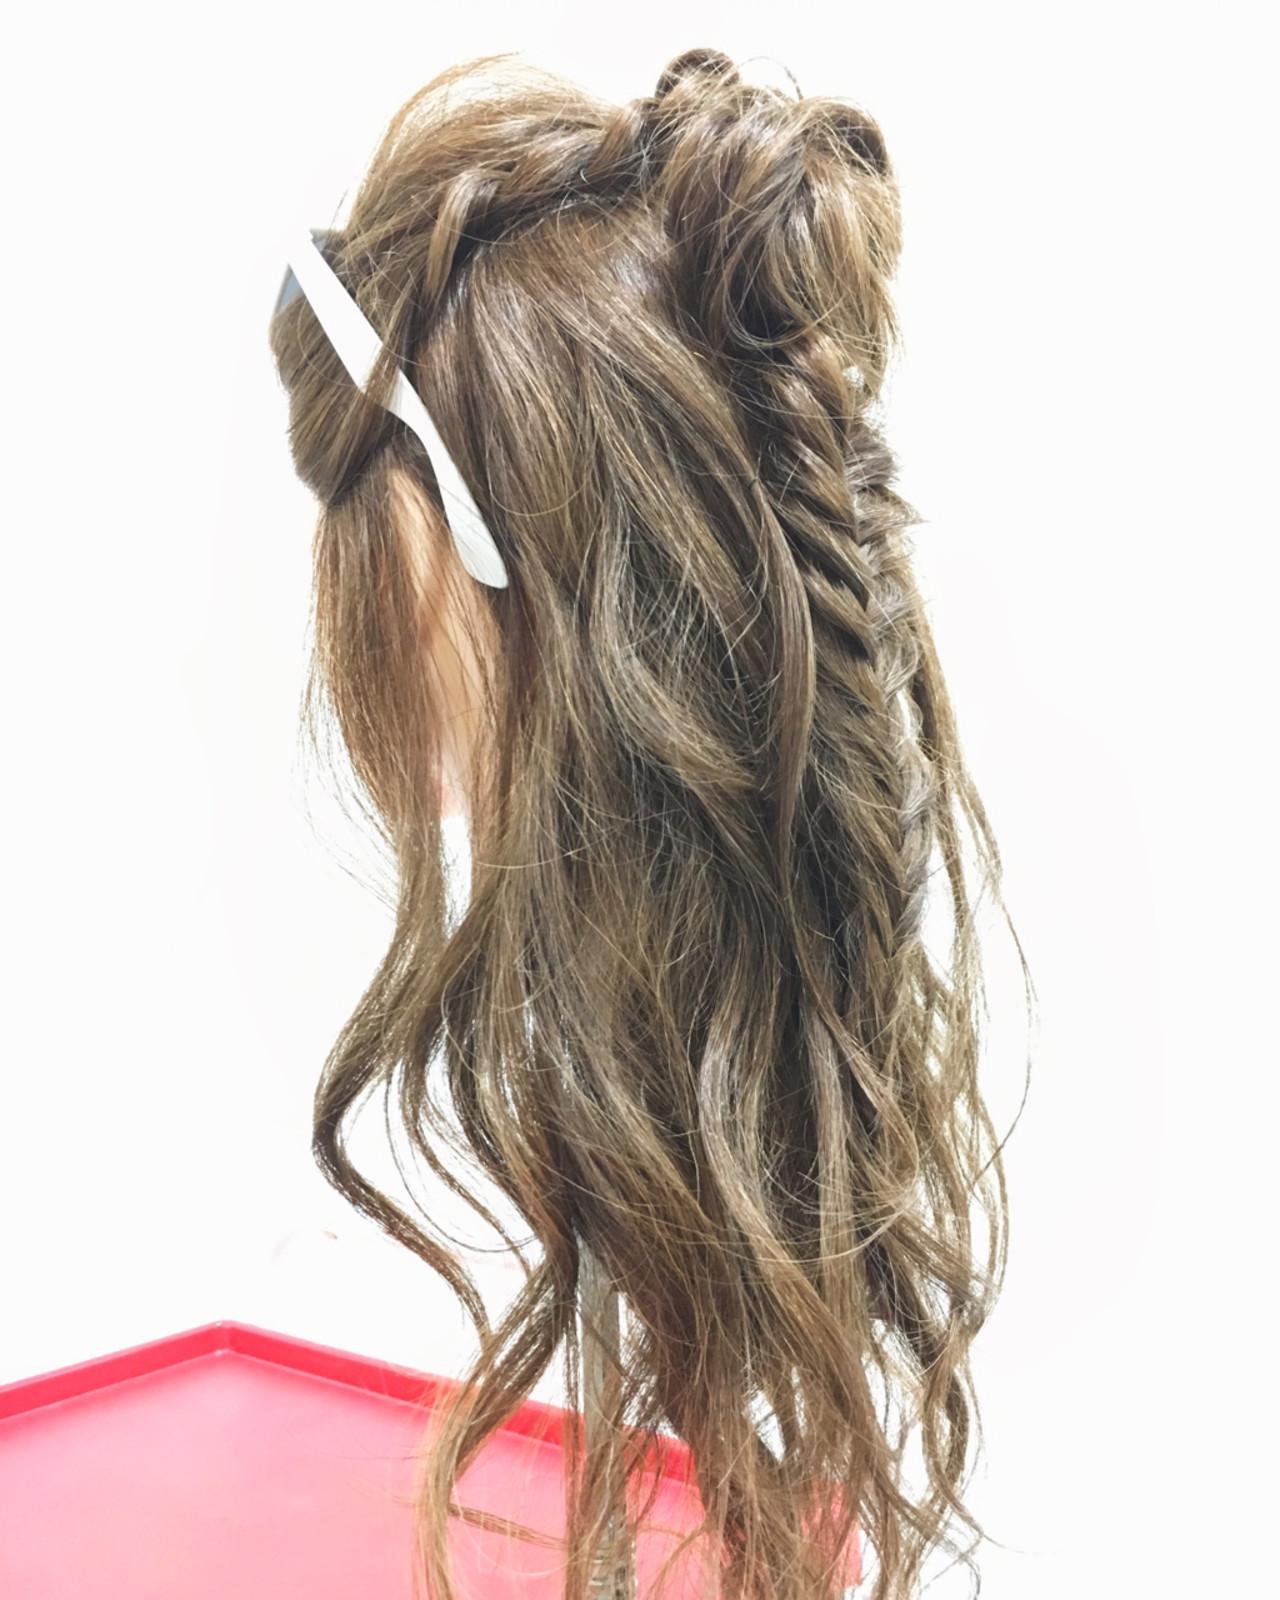 ヘアアレンジ ロング ストリート フィッシュボーン ヘアスタイルや髪型の写真・画像